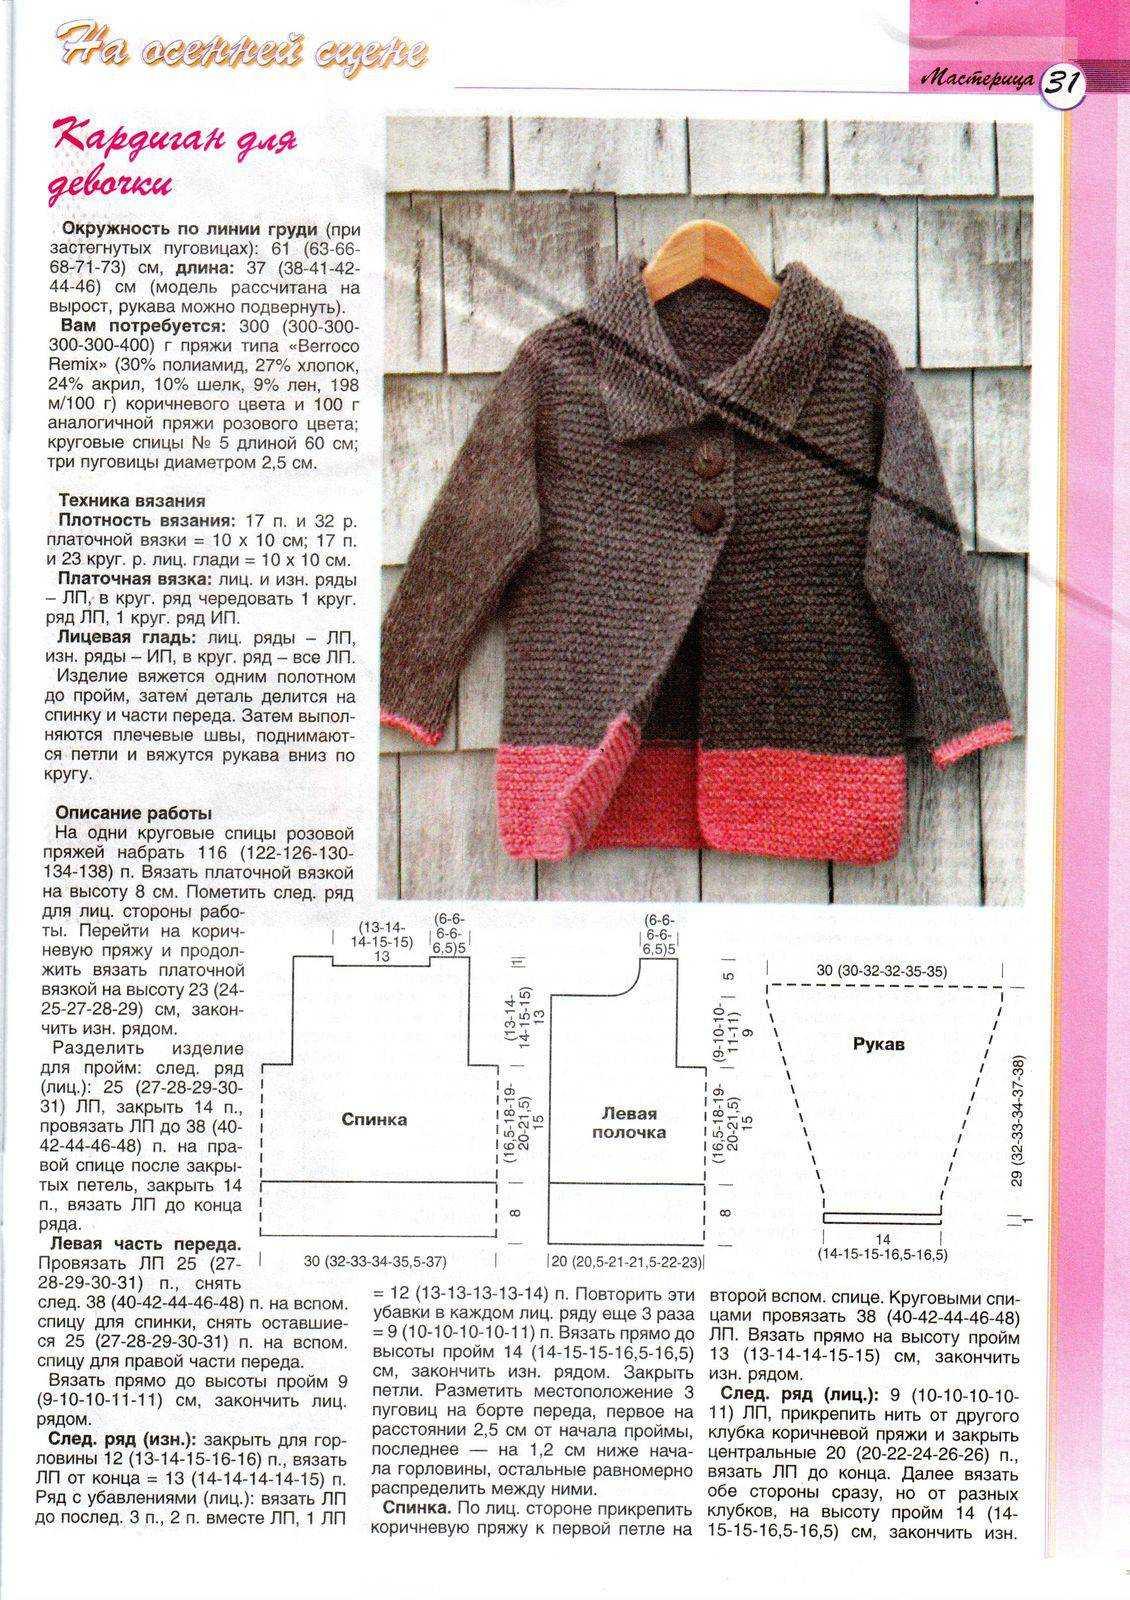 Вязание спицами детям со схемами пальто